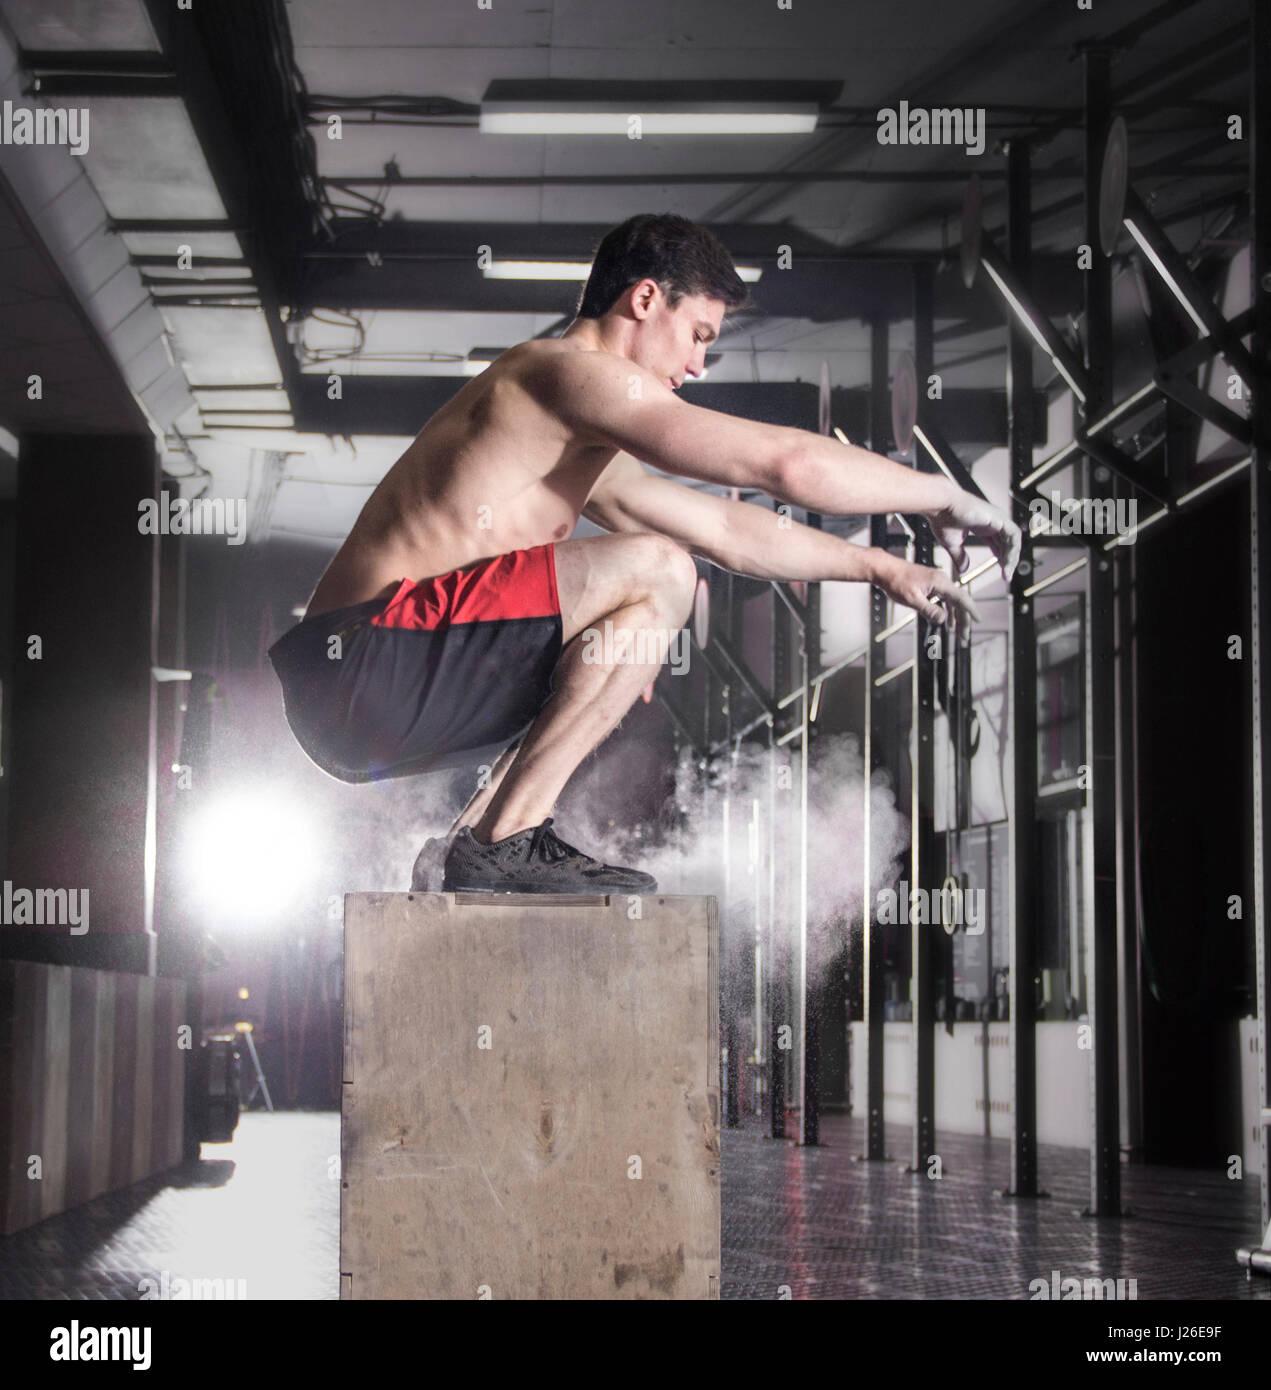 Passen Sie junge Männer-Kiste springen in einem Crossfit Gym. Sportler Datenzugriffsmöglichkeit Stockfoto